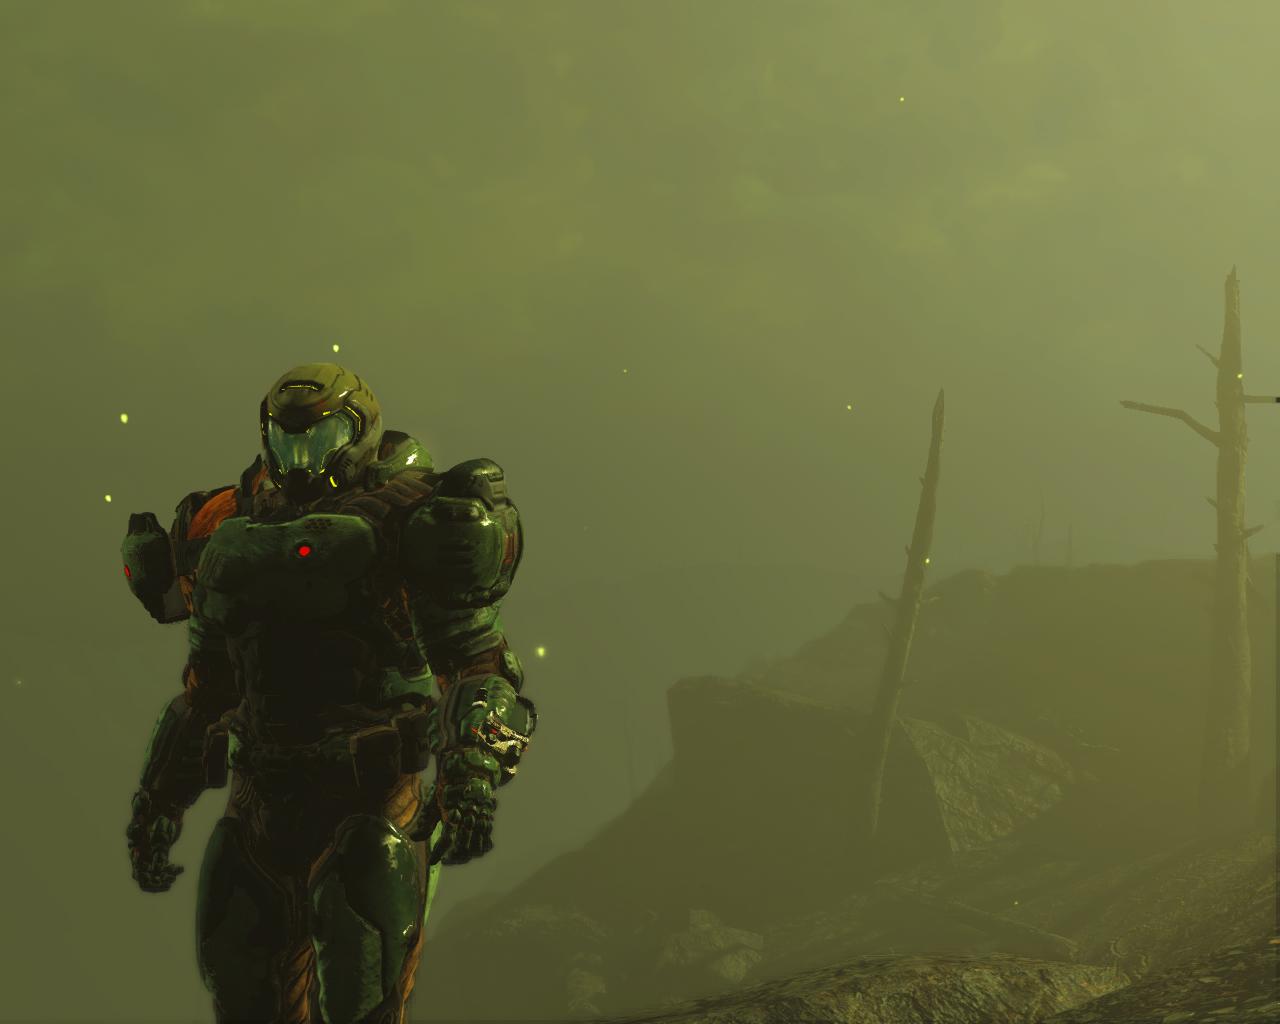 штрих - Fallout 4 костюм